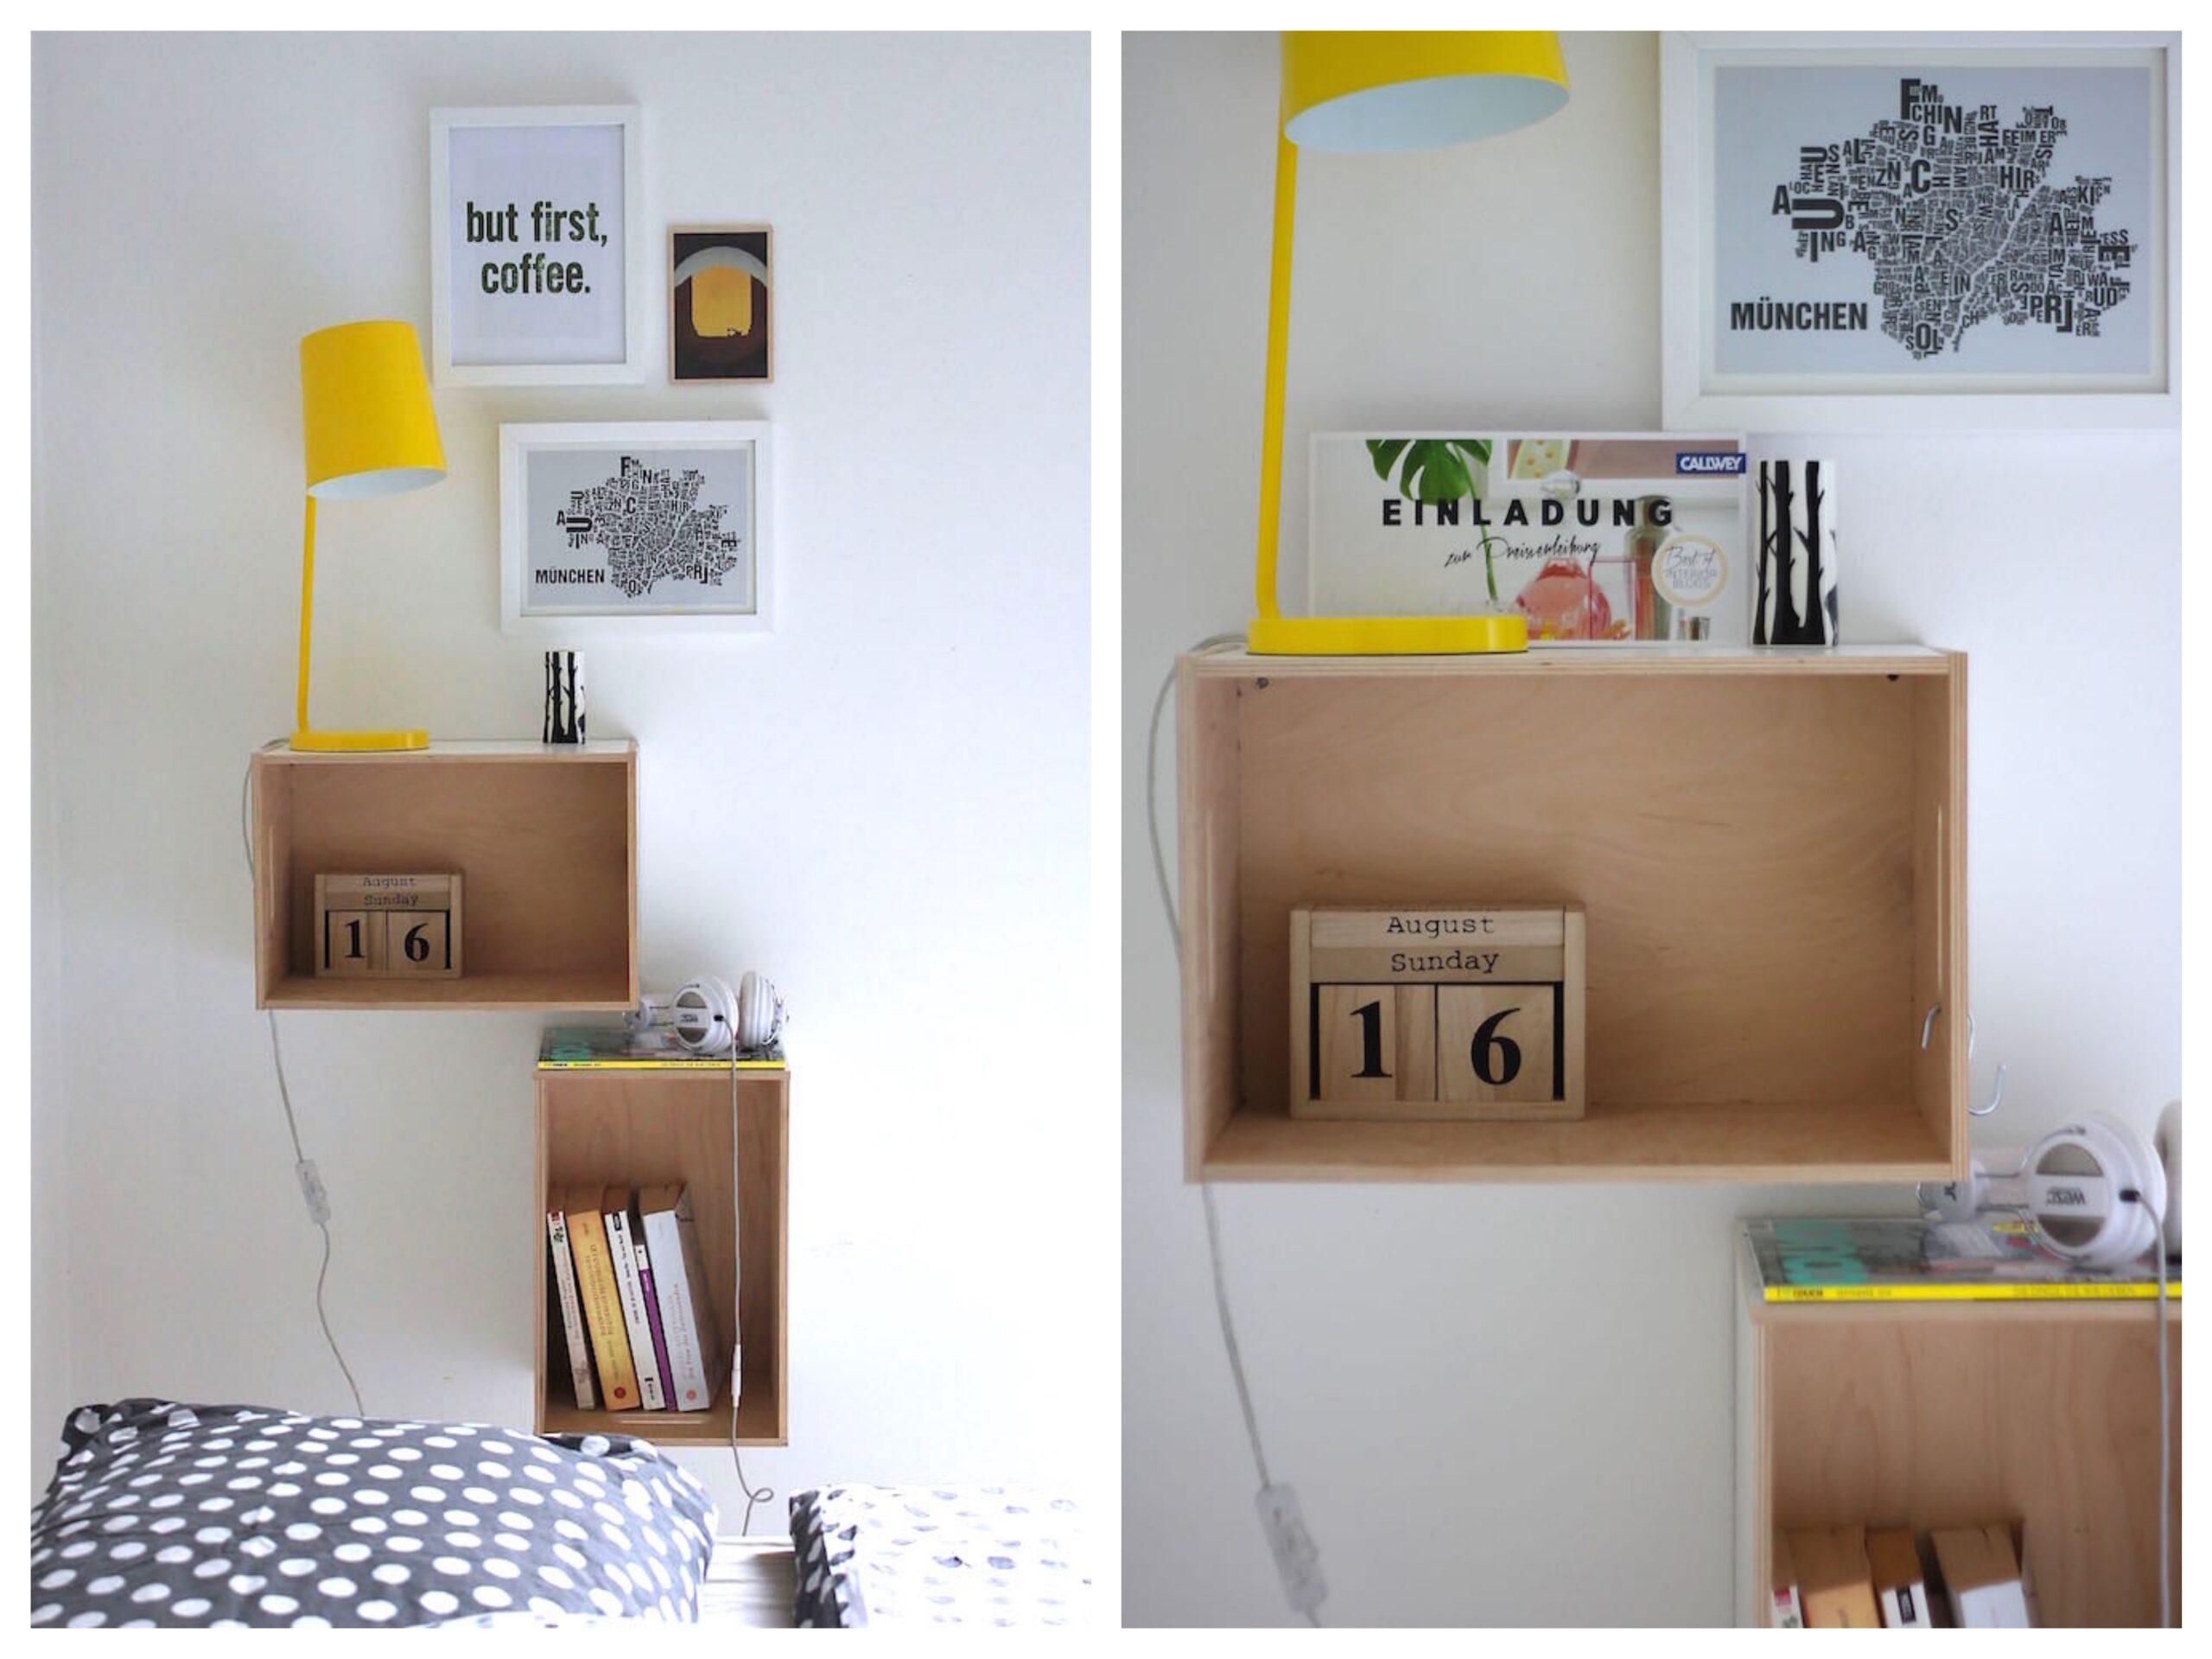 Full Size of Ikea Wandregal Aus Boxen Labelfrei Me Miniküche Küche Kosten Betten Bei Bad Modulküche Sofa Mit Schlaffunktion Kaufen 160x200 Landhaus Wohnzimmer Ikea Wandregal